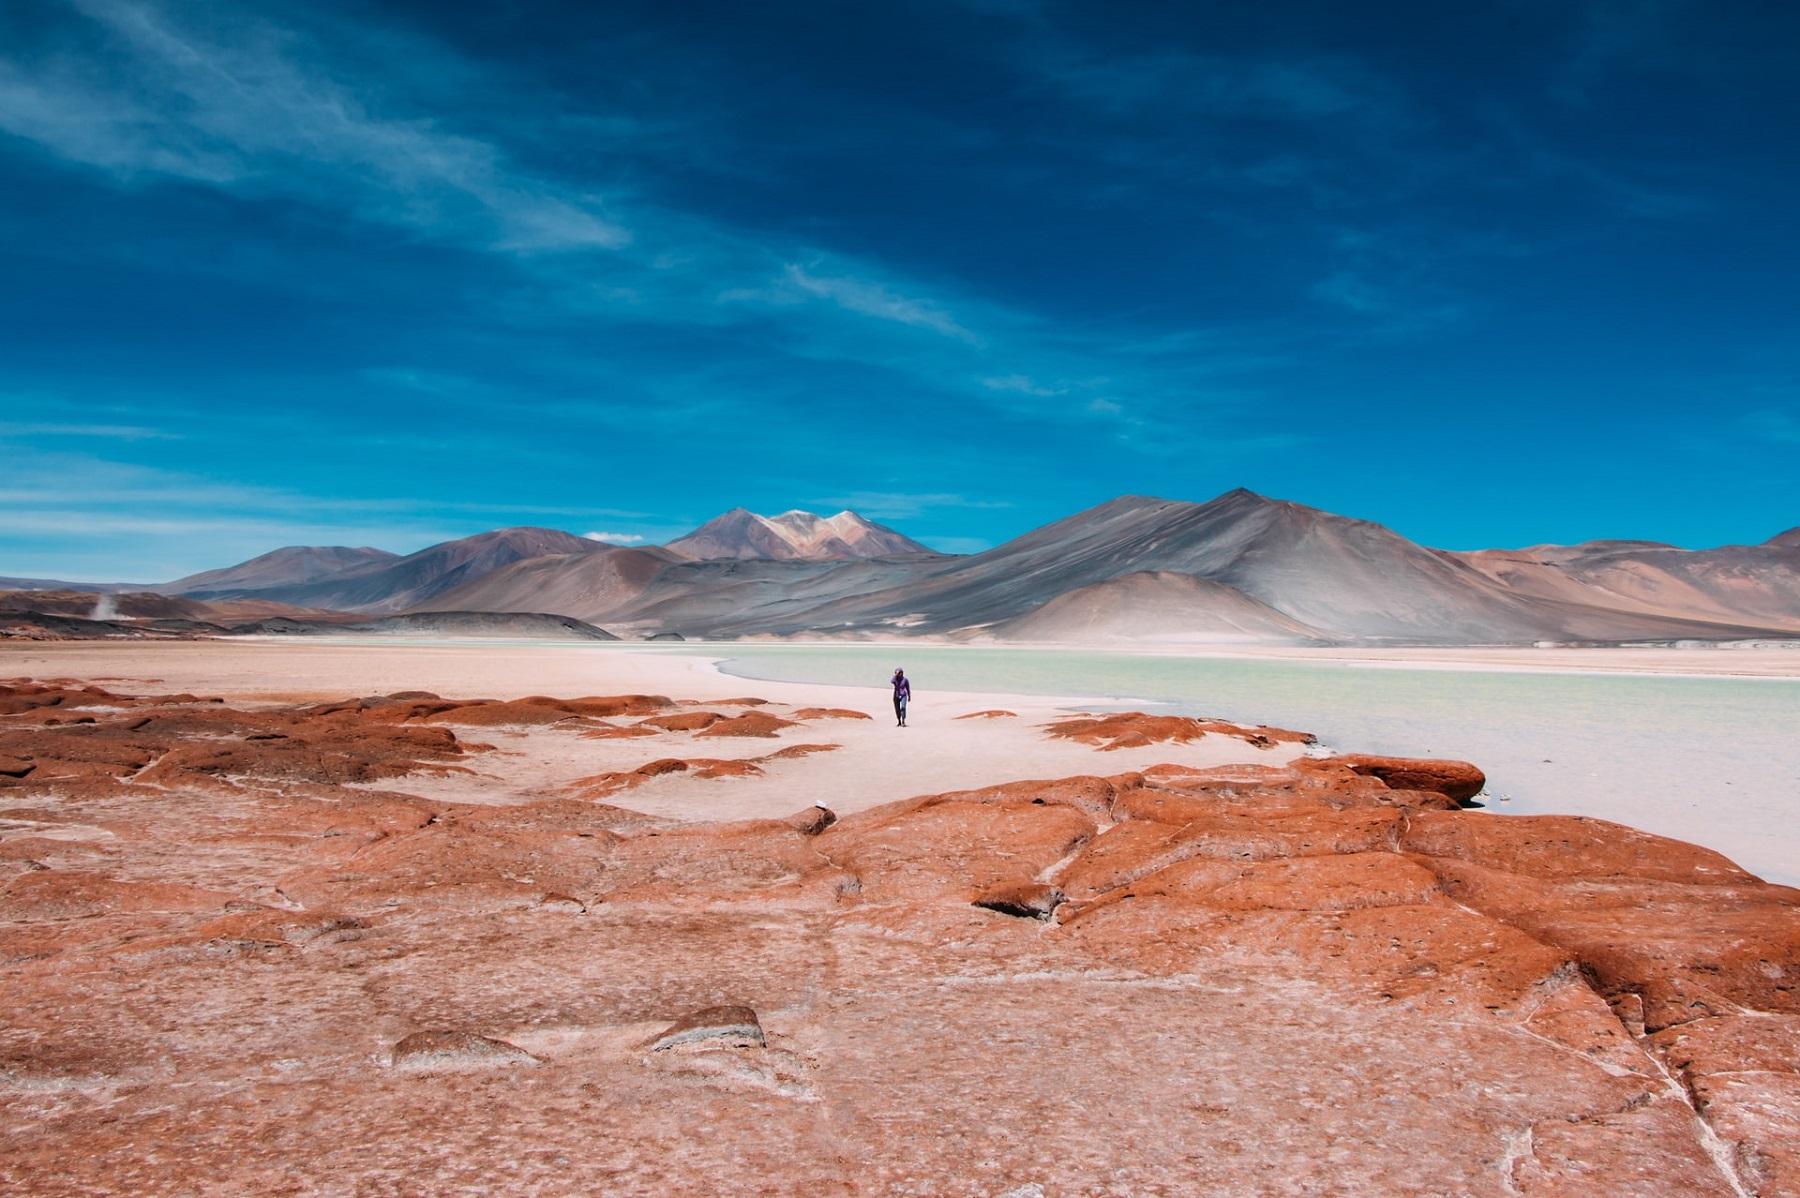 Wakacje w Chile - listopad